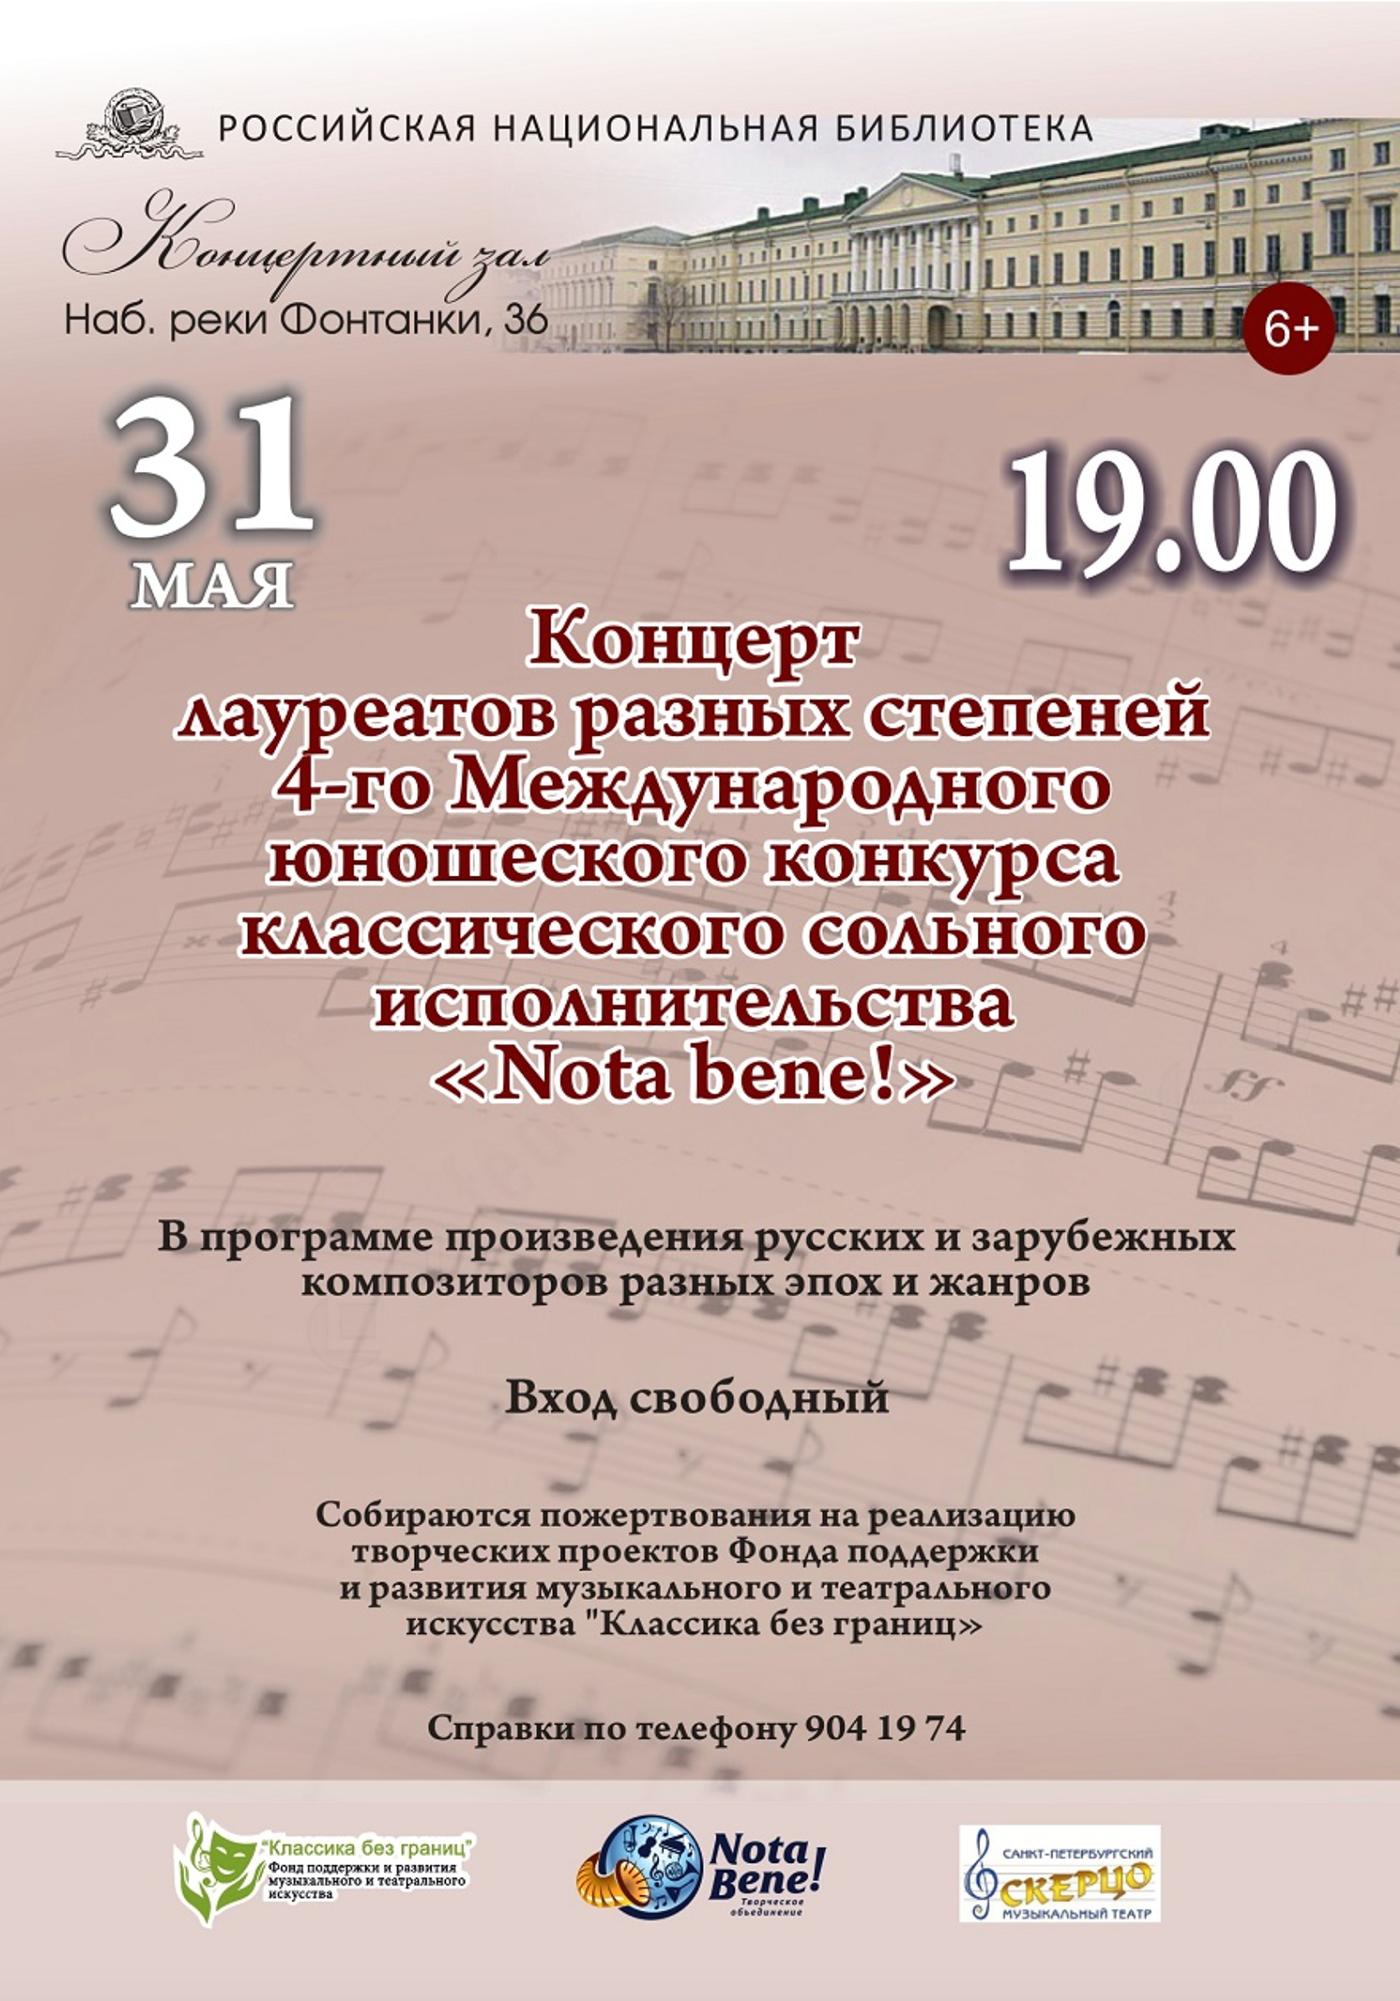 На этот концерт нам удалось попасть: выступали ученики музыкальных школ и студенты музыкальных училищ Санкт-Петербурга, а также в качестве гостя был ученик Миланской консерватории им. Верди